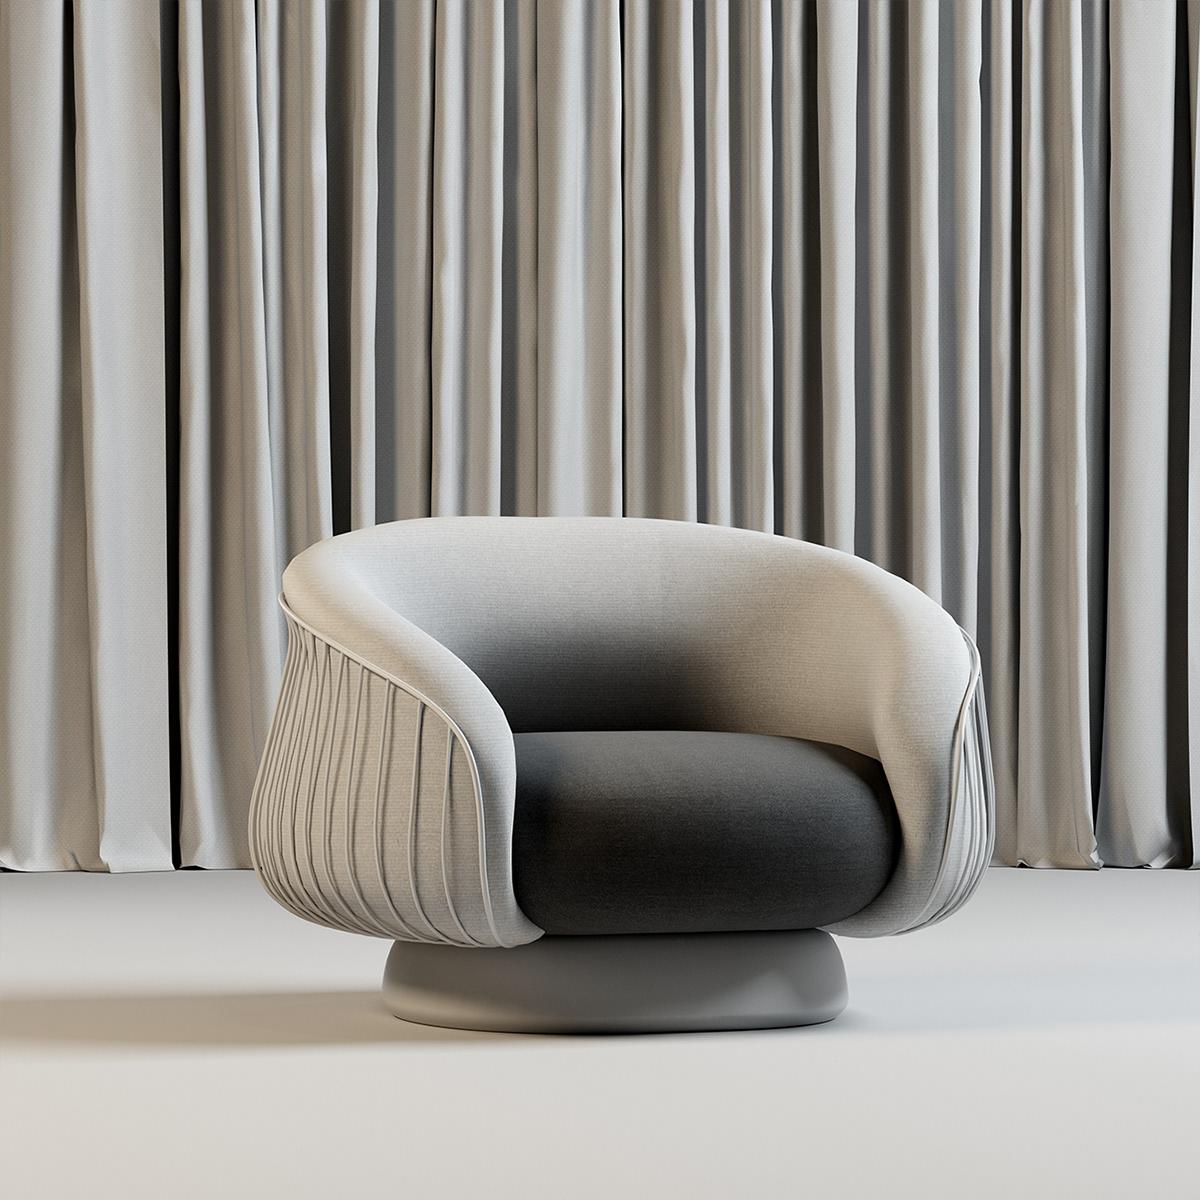 andrii kovalskyi,elegant furniture,furnitre ,living room furniture,product design ,soft furniture